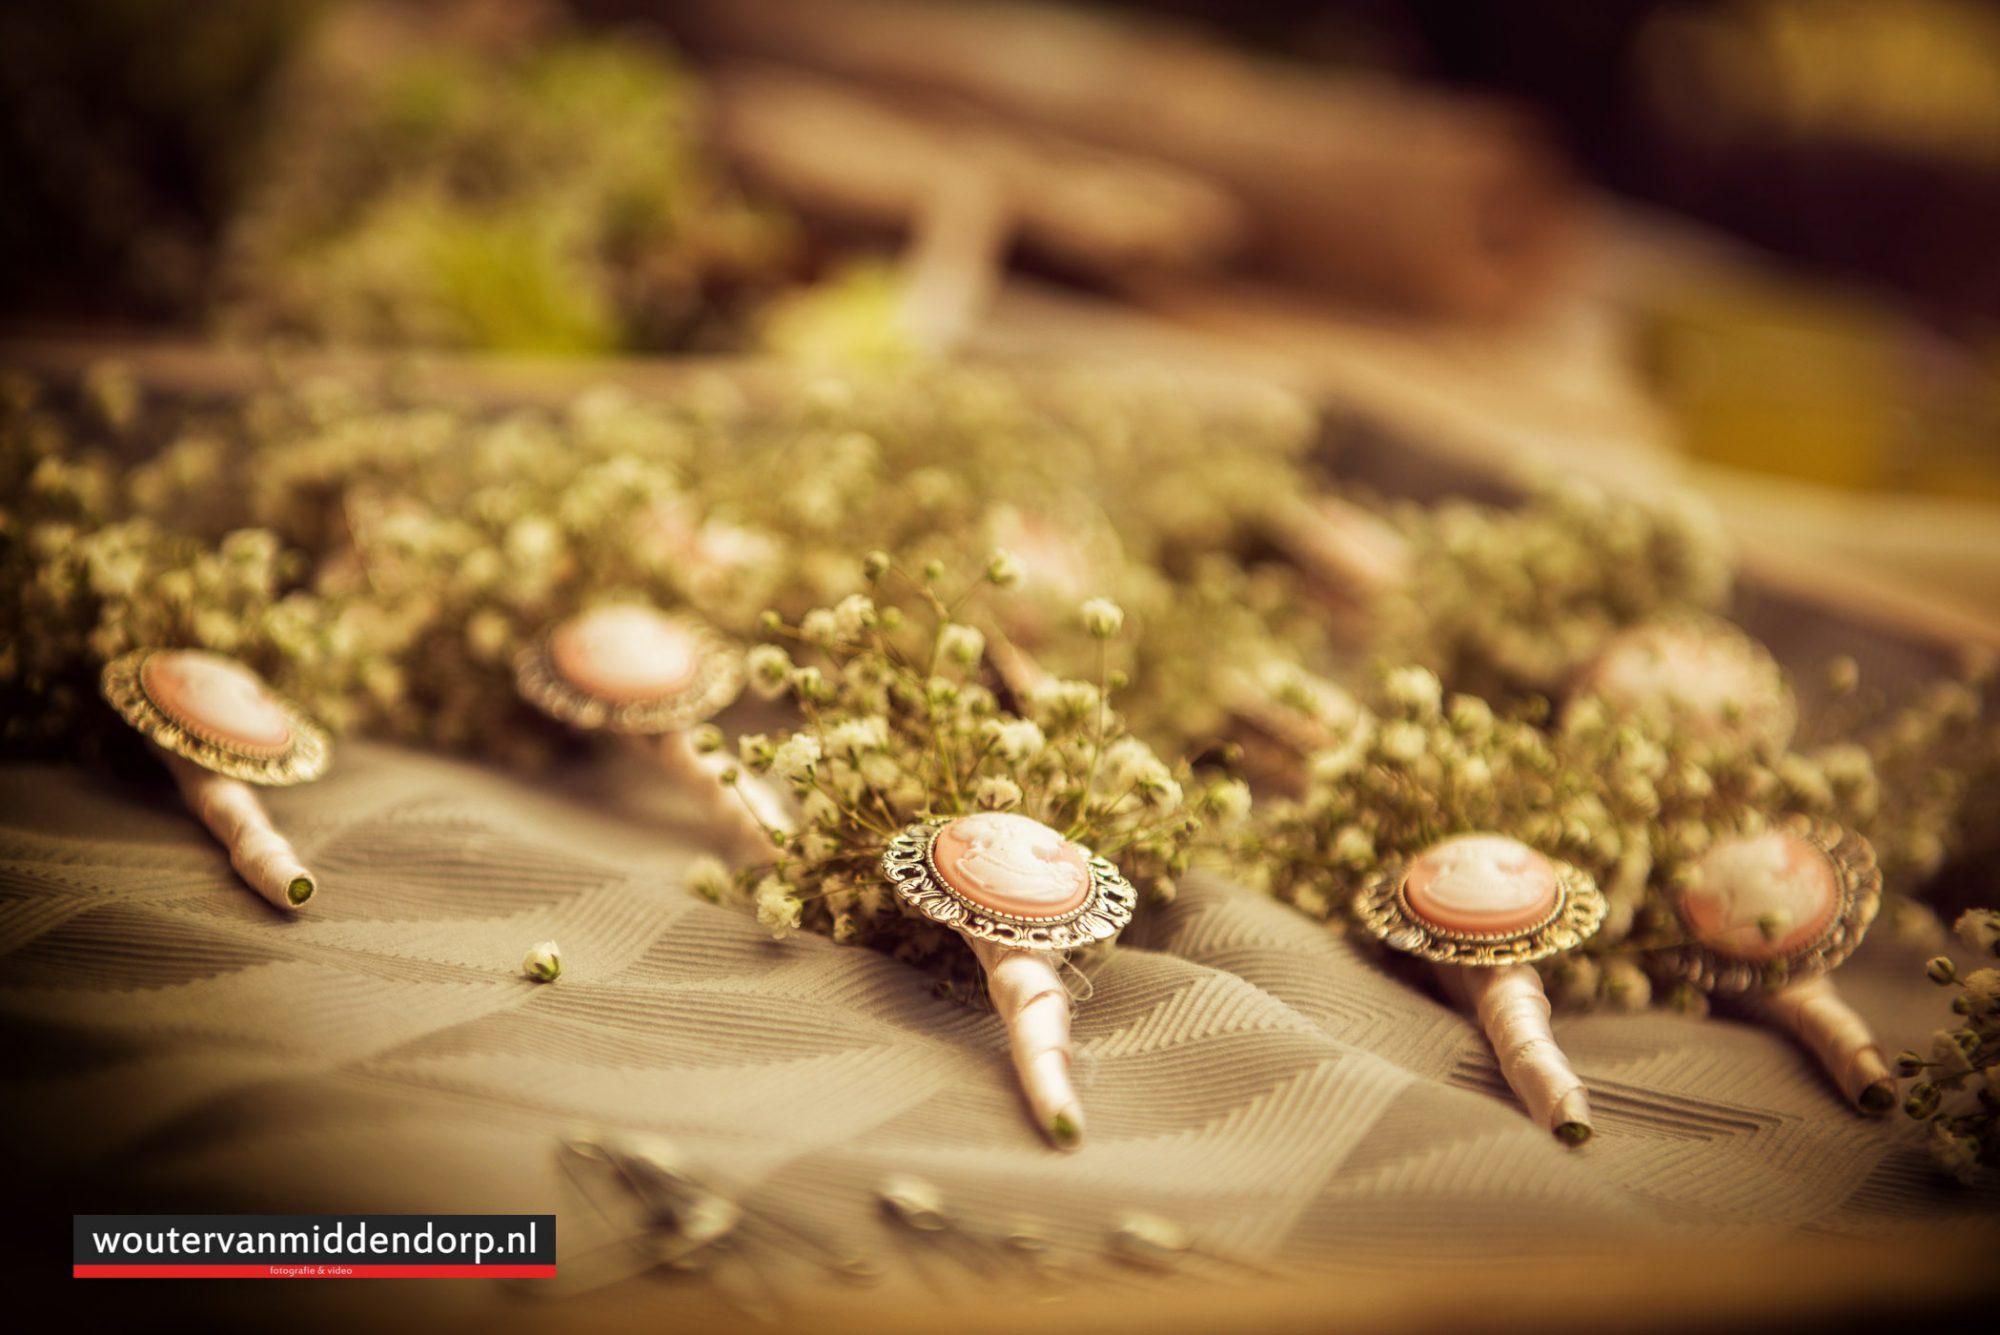 trouwfotograaf-wouter-van-middendorp-omgeving-veluwe-dordrechtl-putten-uddel-40-van-62